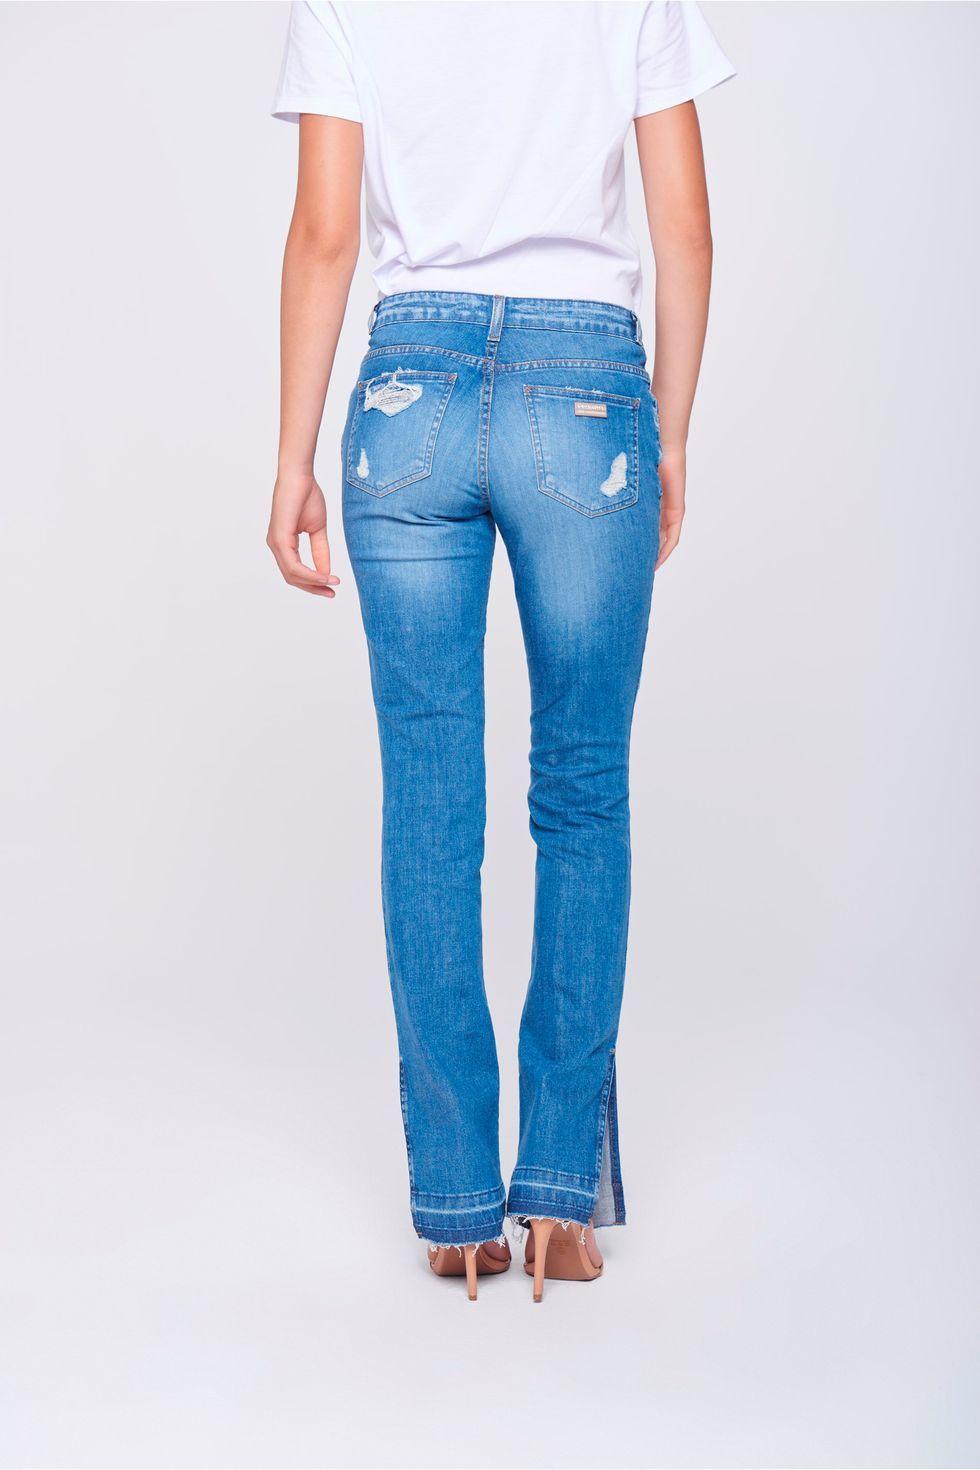 bbe1a79e6 Calça Jeans Reta Feminina - Damyller-smartphone